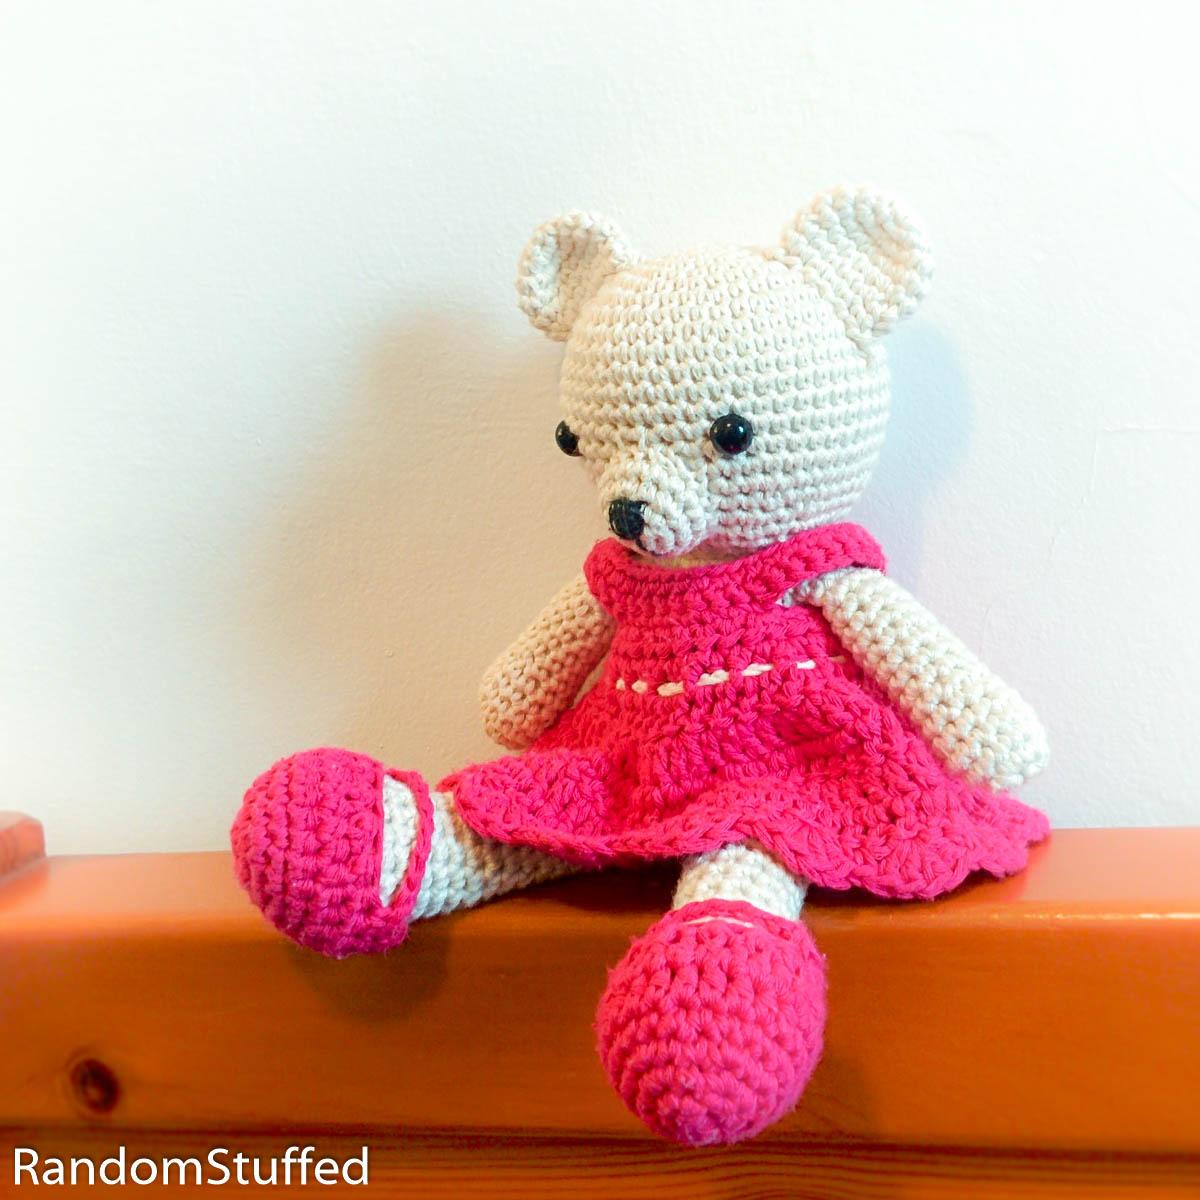 דובה מתוקה - הוראות סריגה